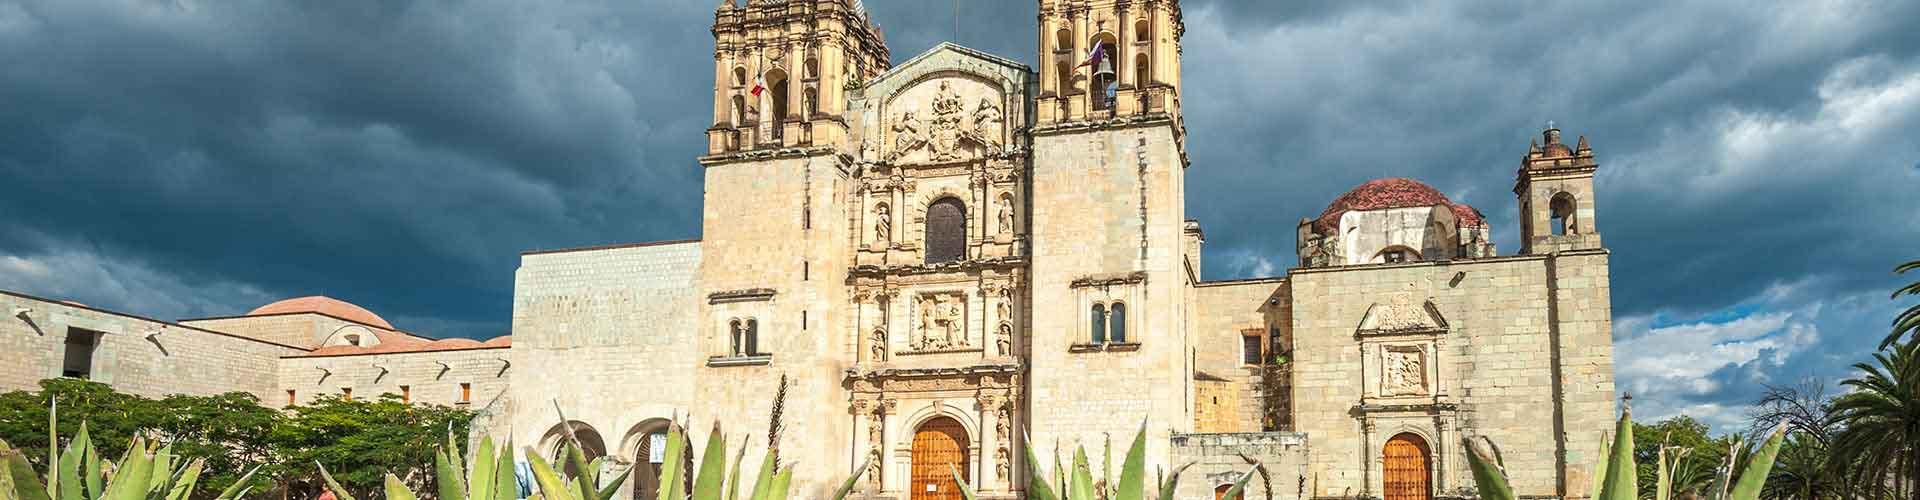 Oaxaca - Auberges de jeunesse à Oaxaca. Cartes pour Oaxaca, photos et commentaires pour chaque auberge de jeunesse à Oaxaca.